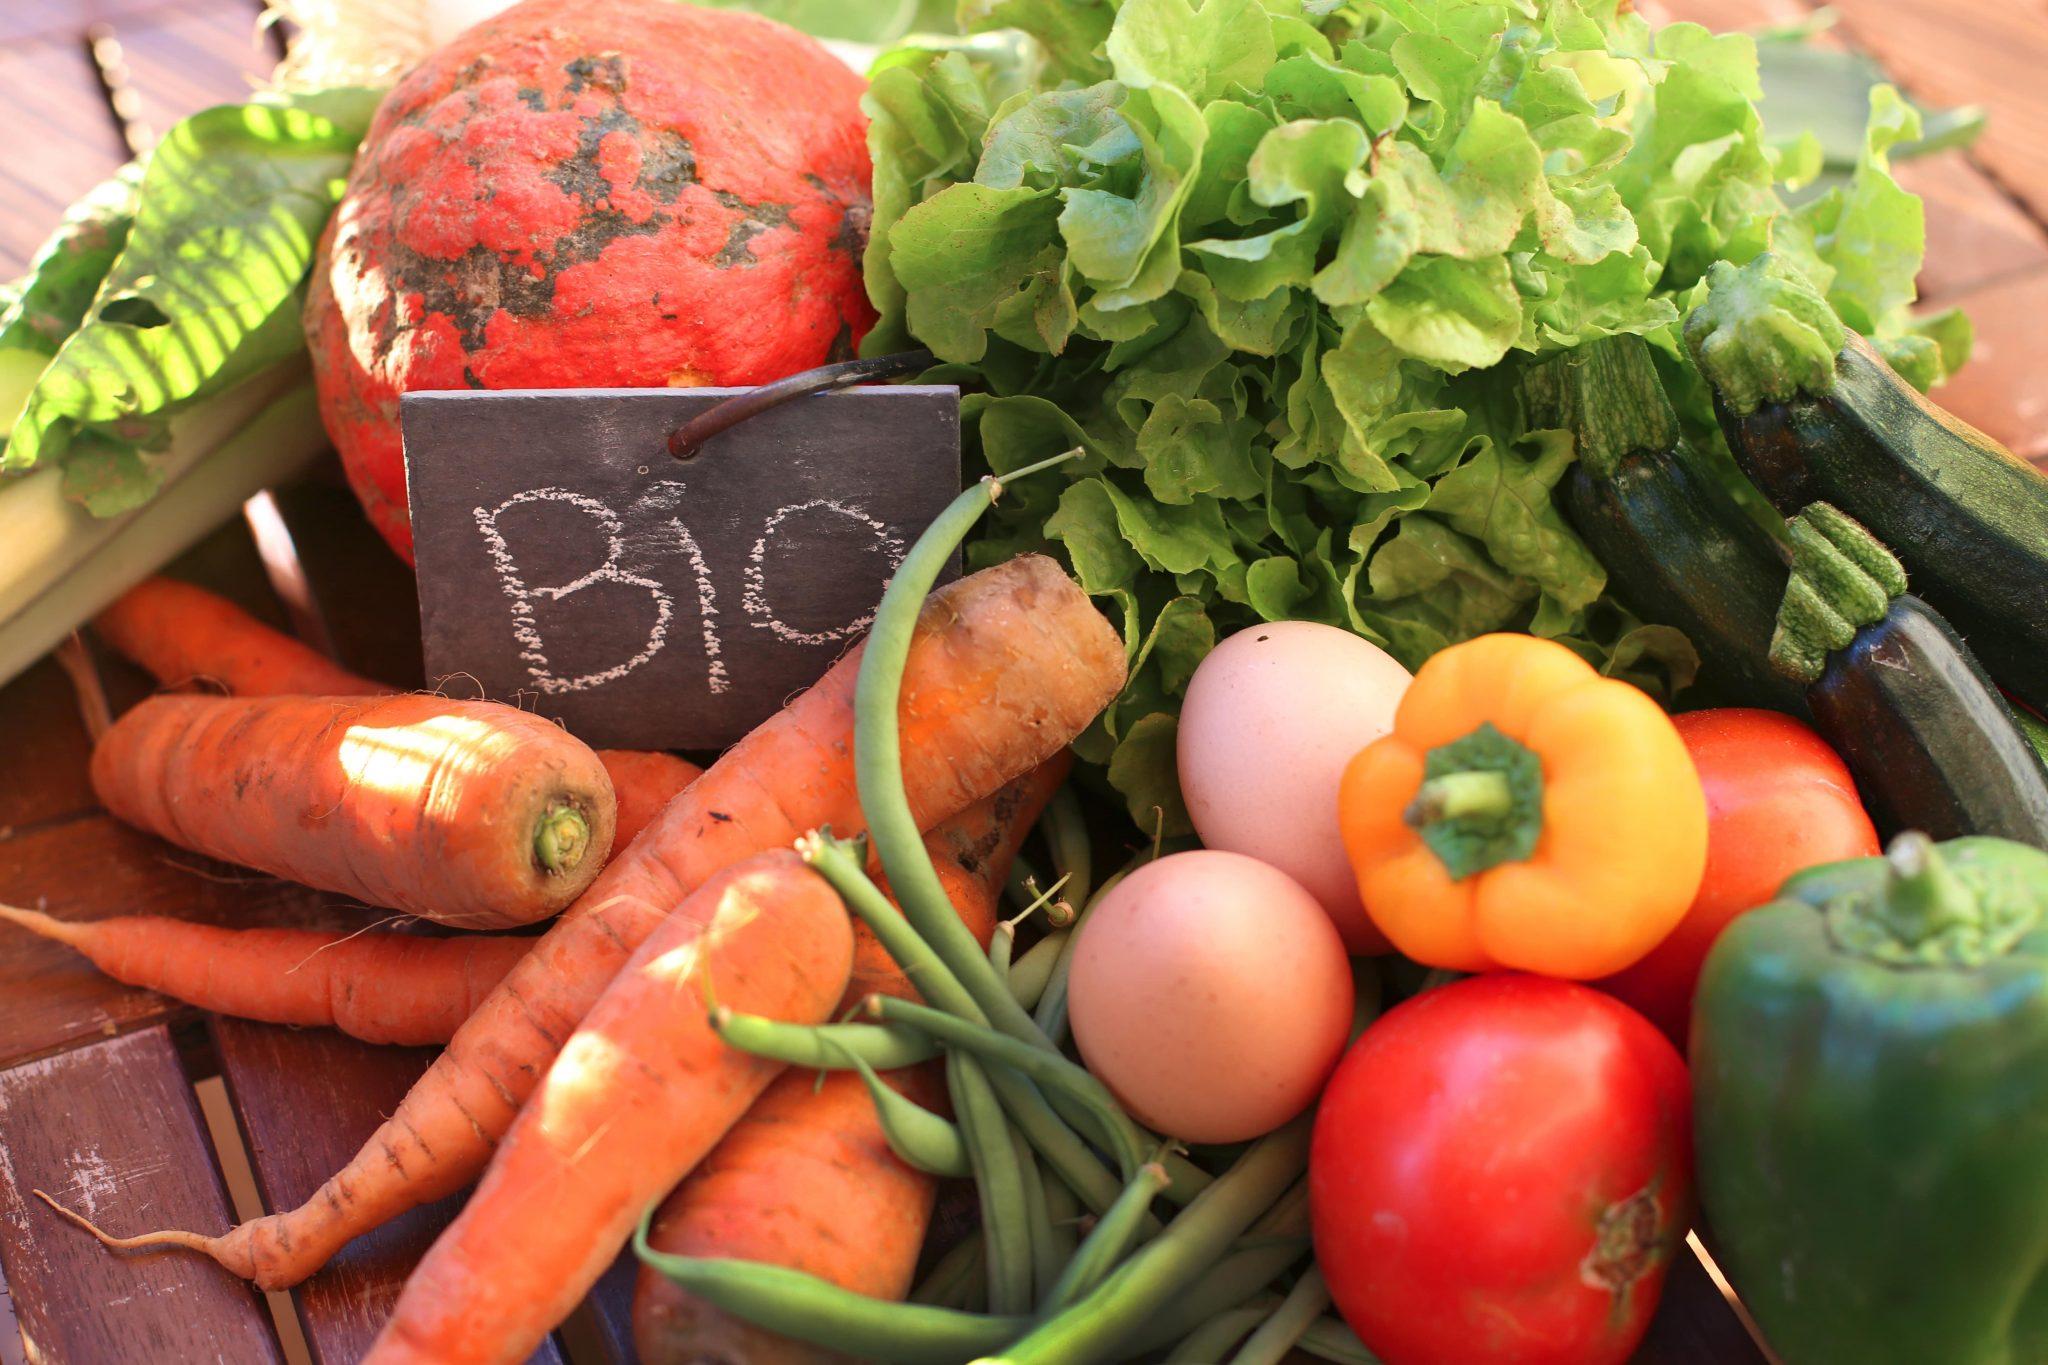 Pourquoi manger bio? Les avantages d'une alimentation biologique - Natura Force